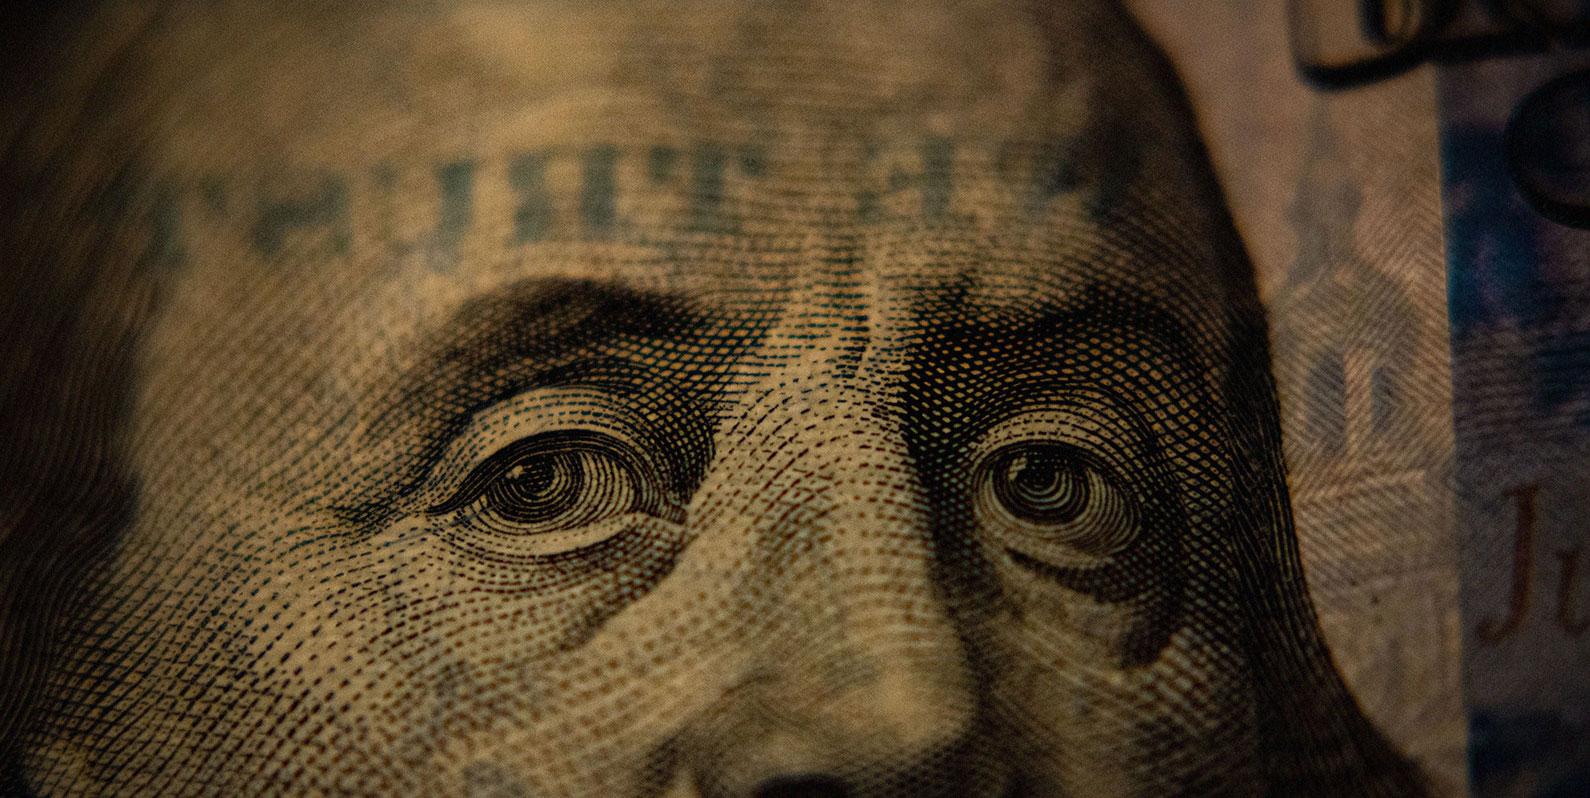 O erro de 1 trilhão de dólares